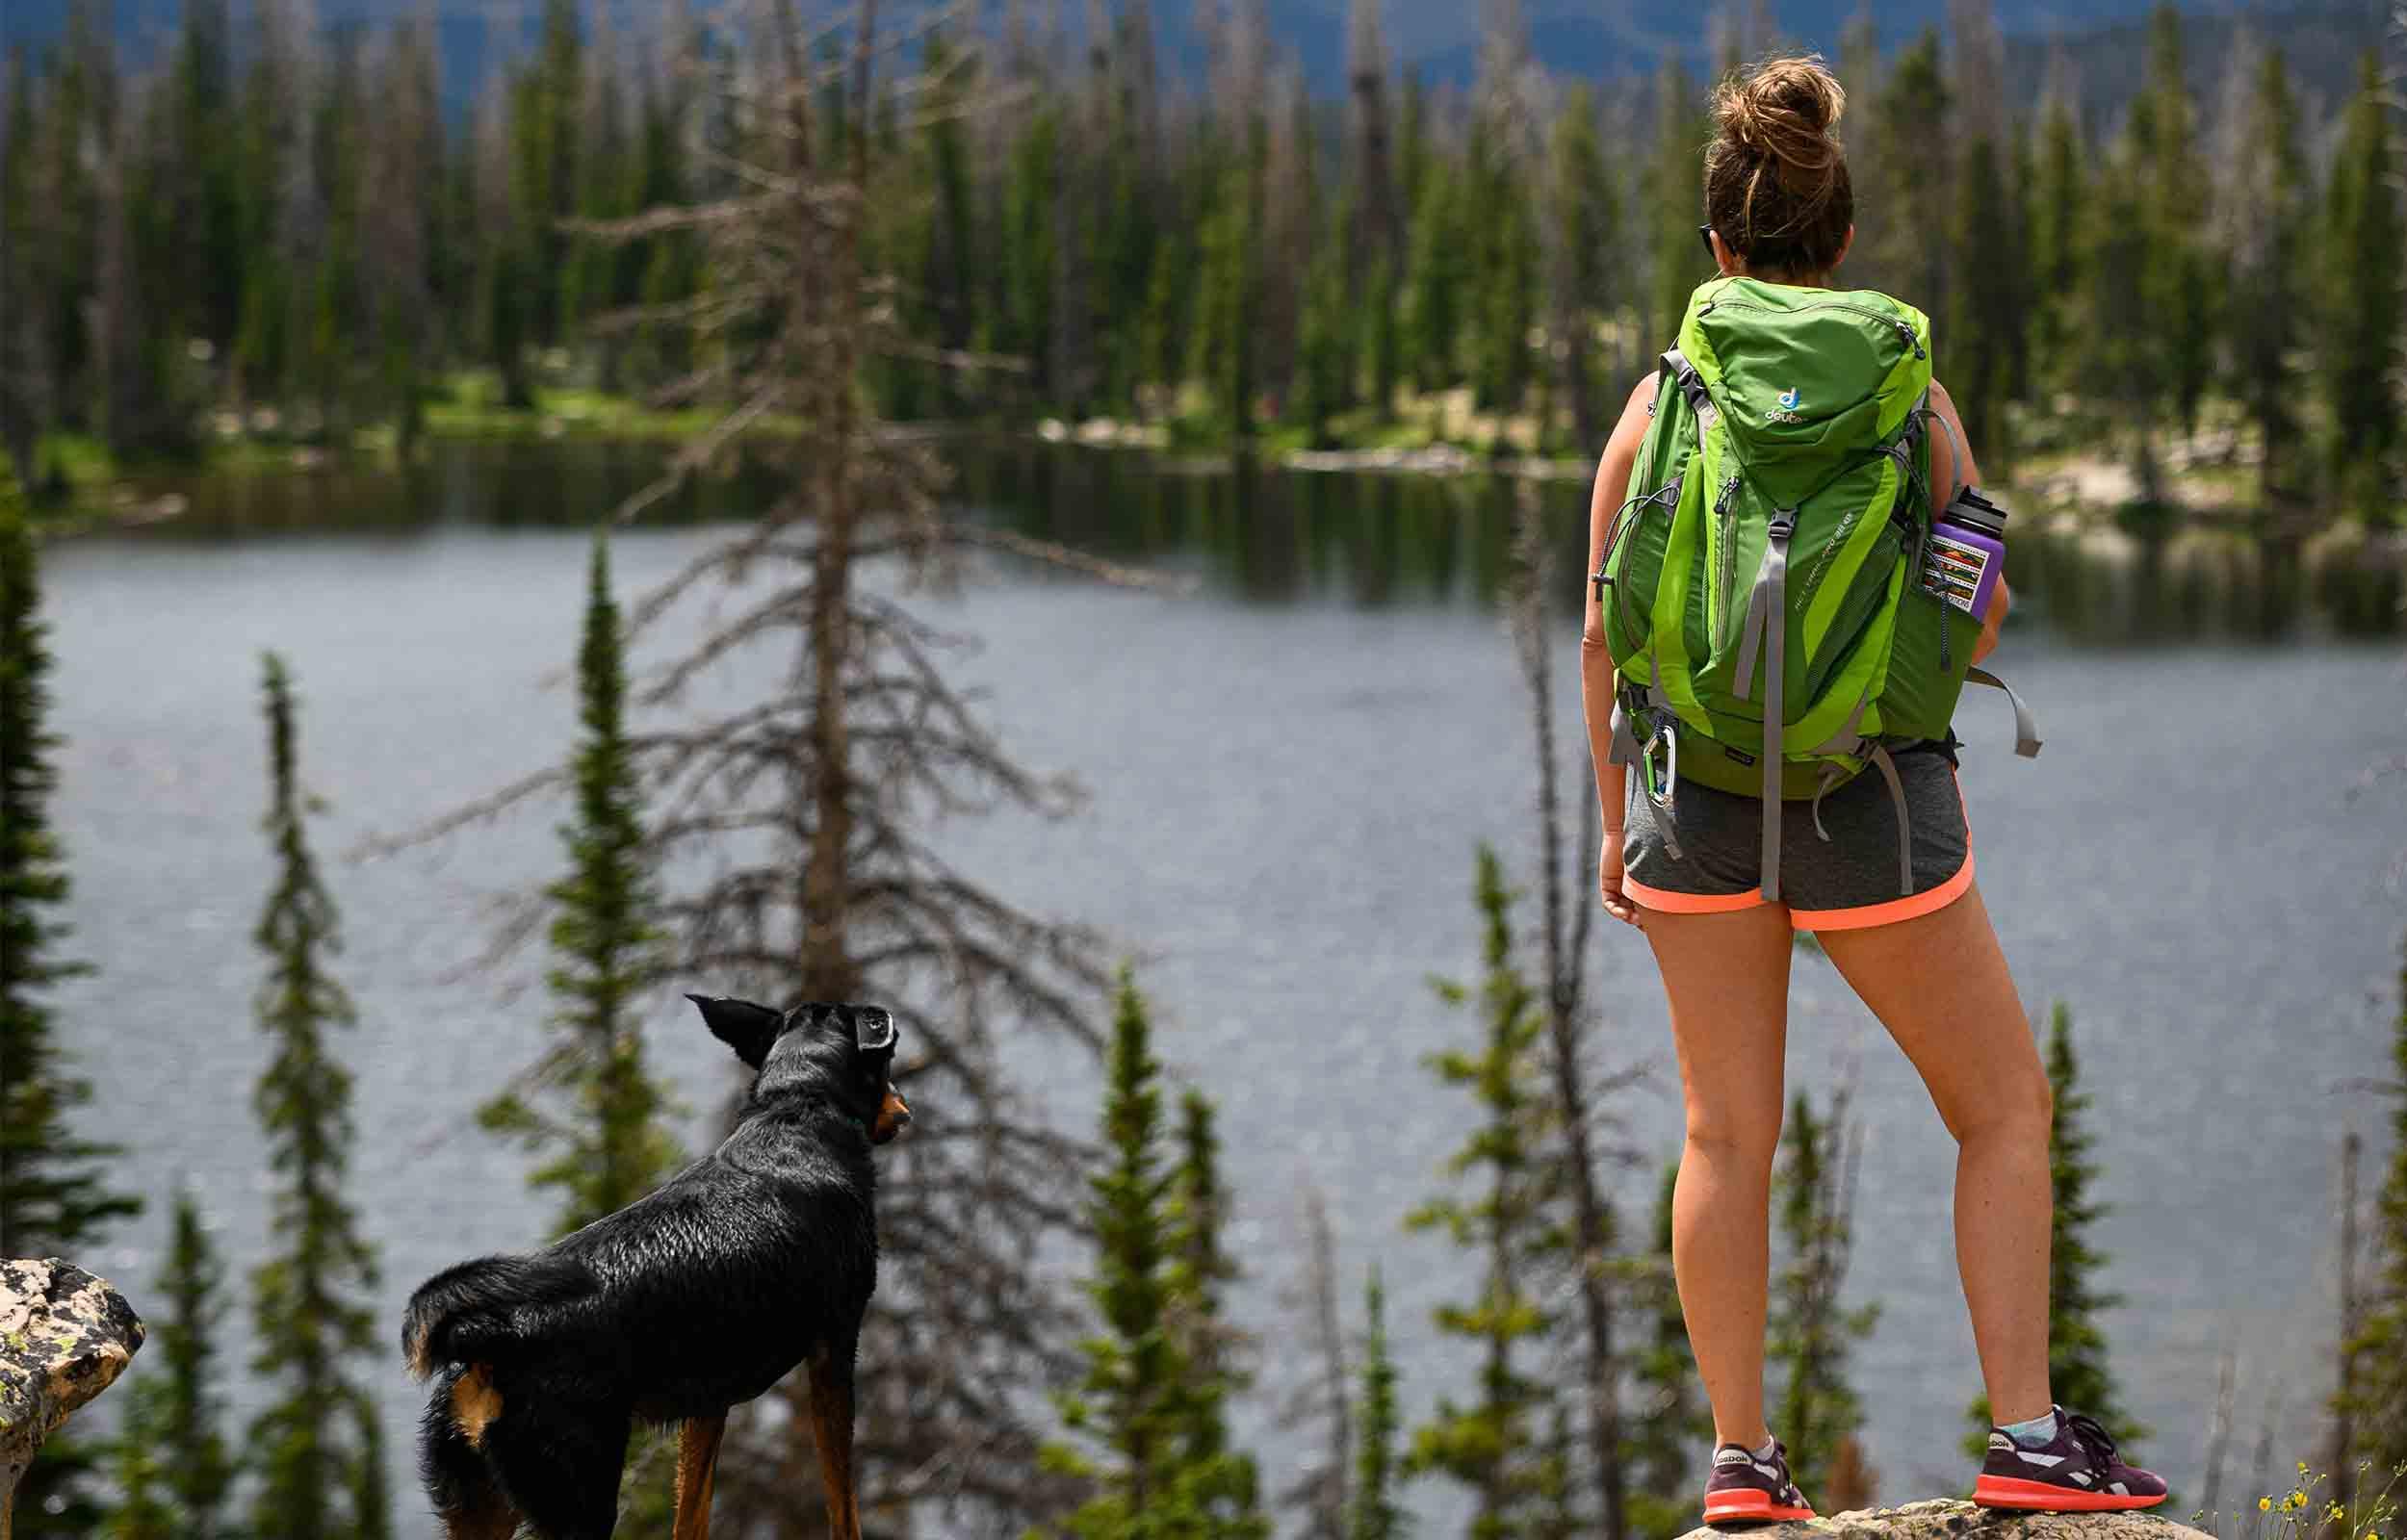 dog and girl hiking